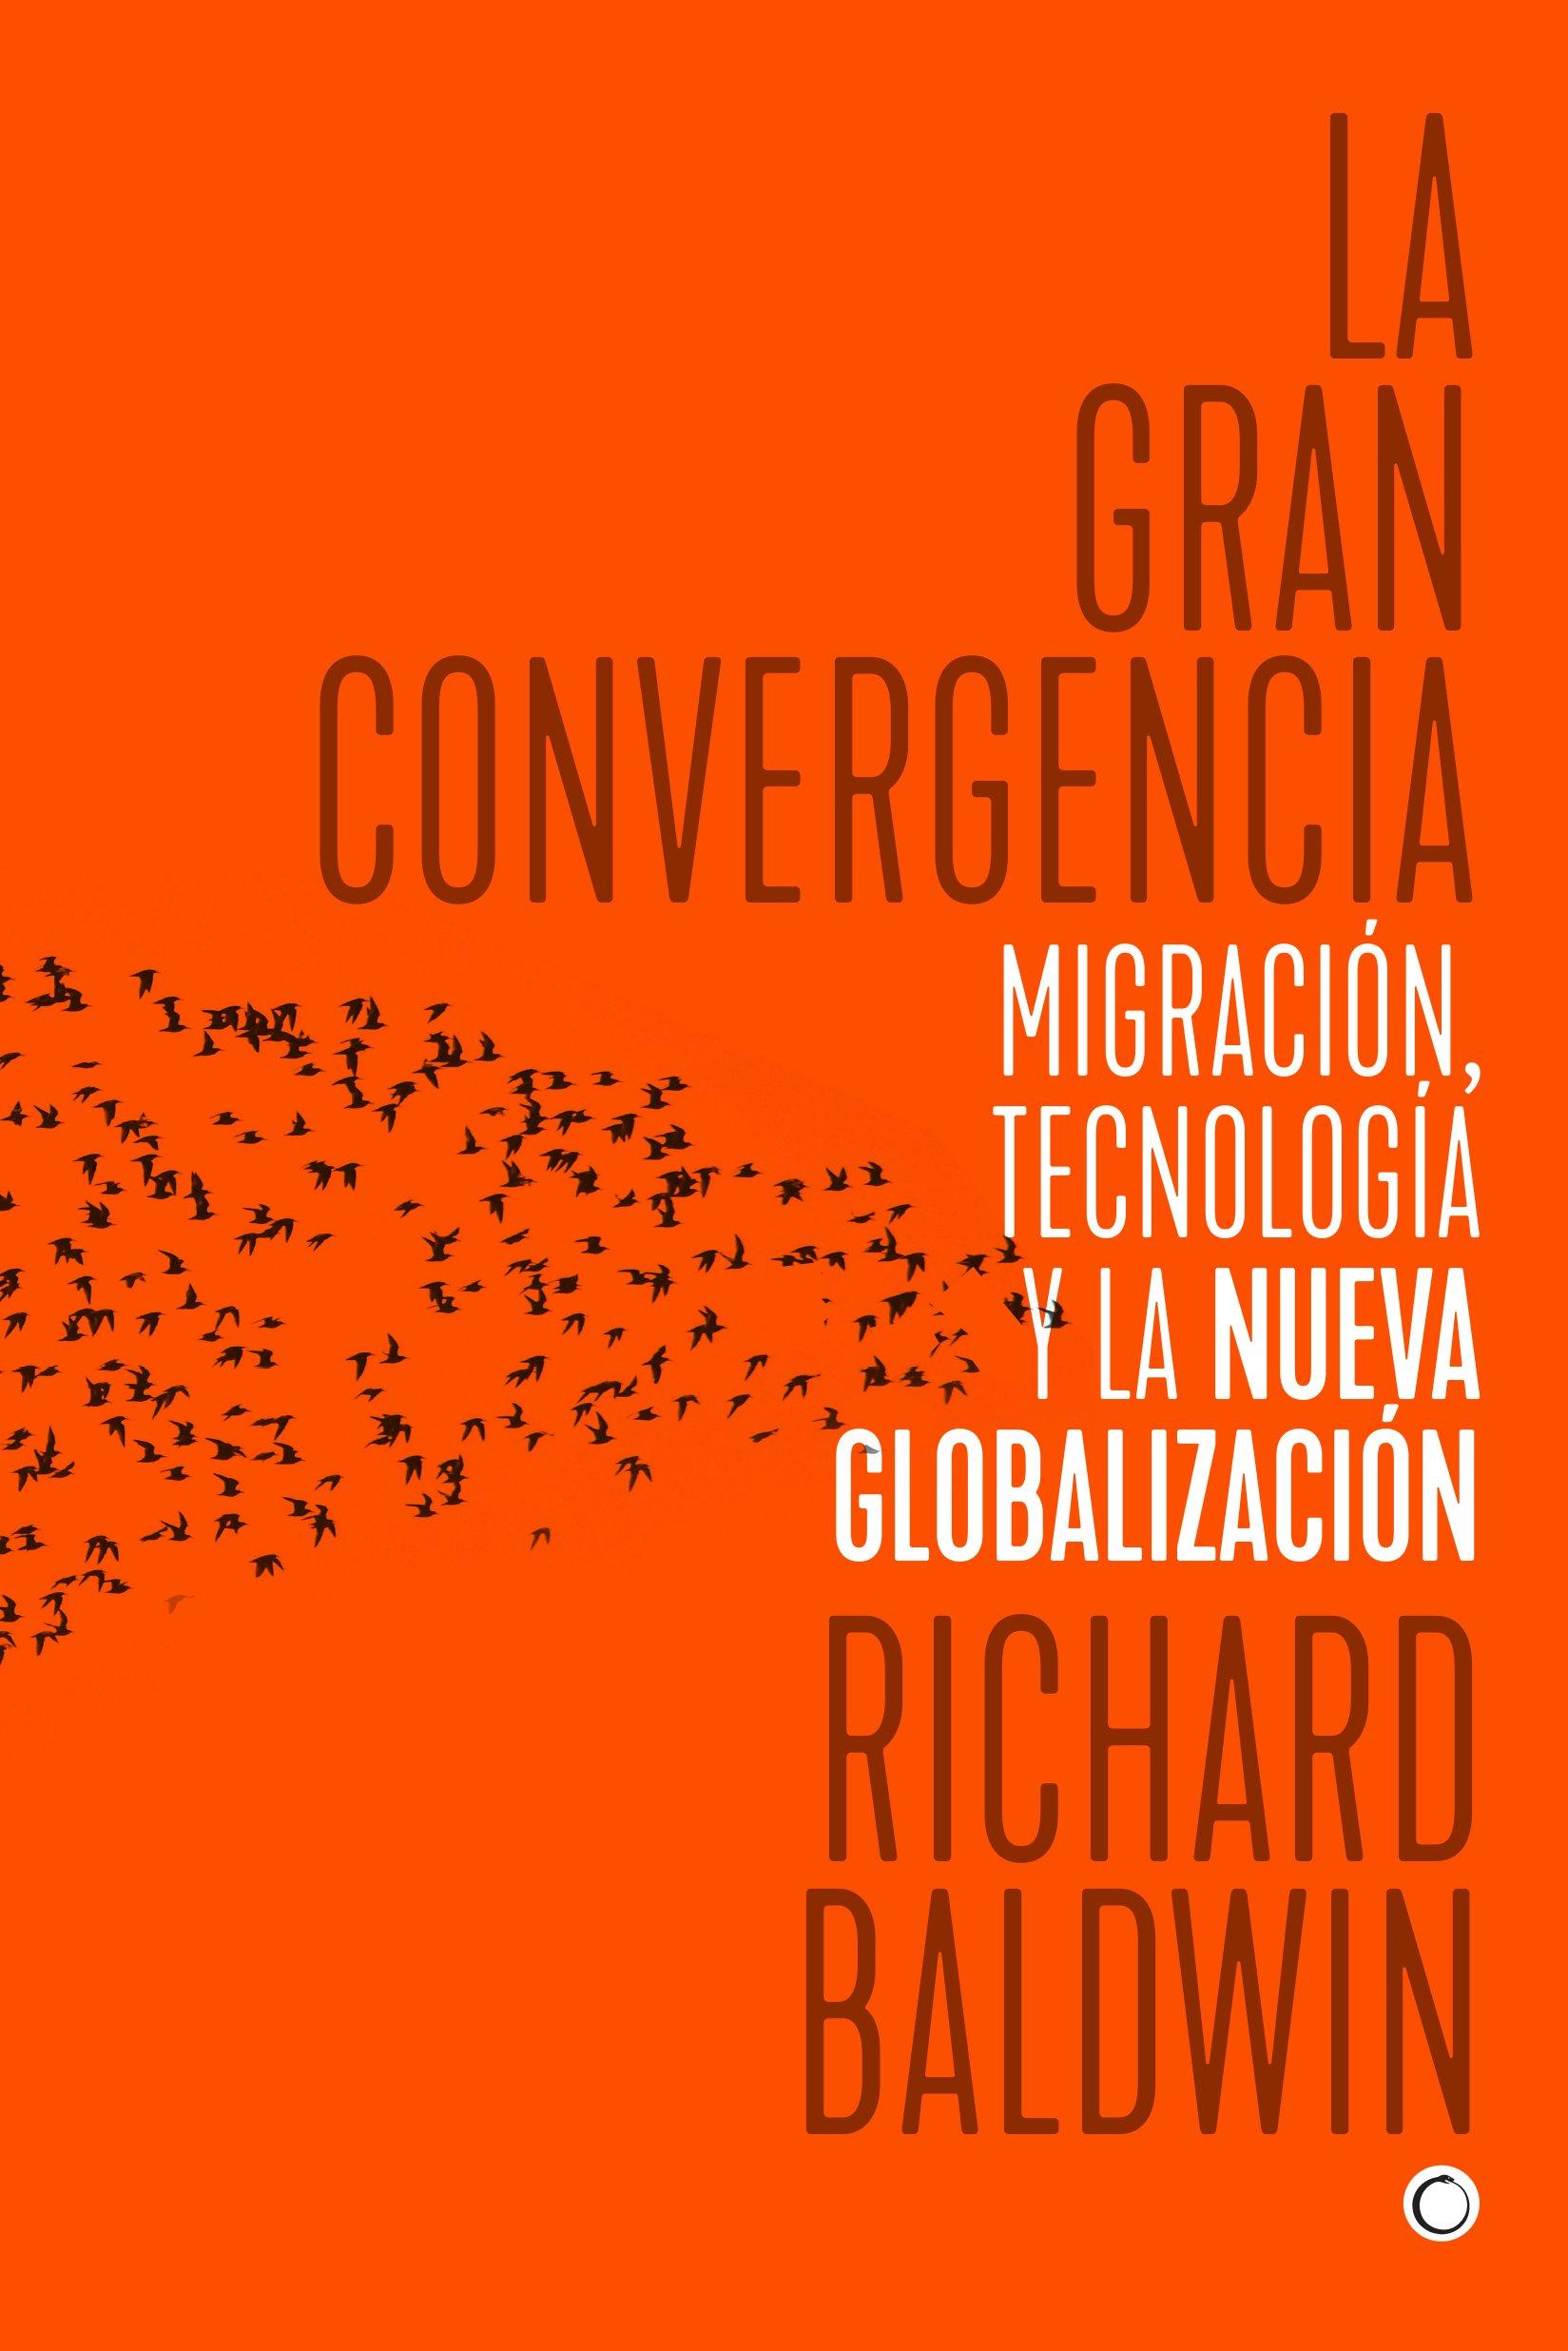 ec9027b3e7 Amazon.fr - La gran convergencia: Migración, tecnología y la nueva  globalización - Richard Baldwin, María Esther Rabasco Espáriz - Livres